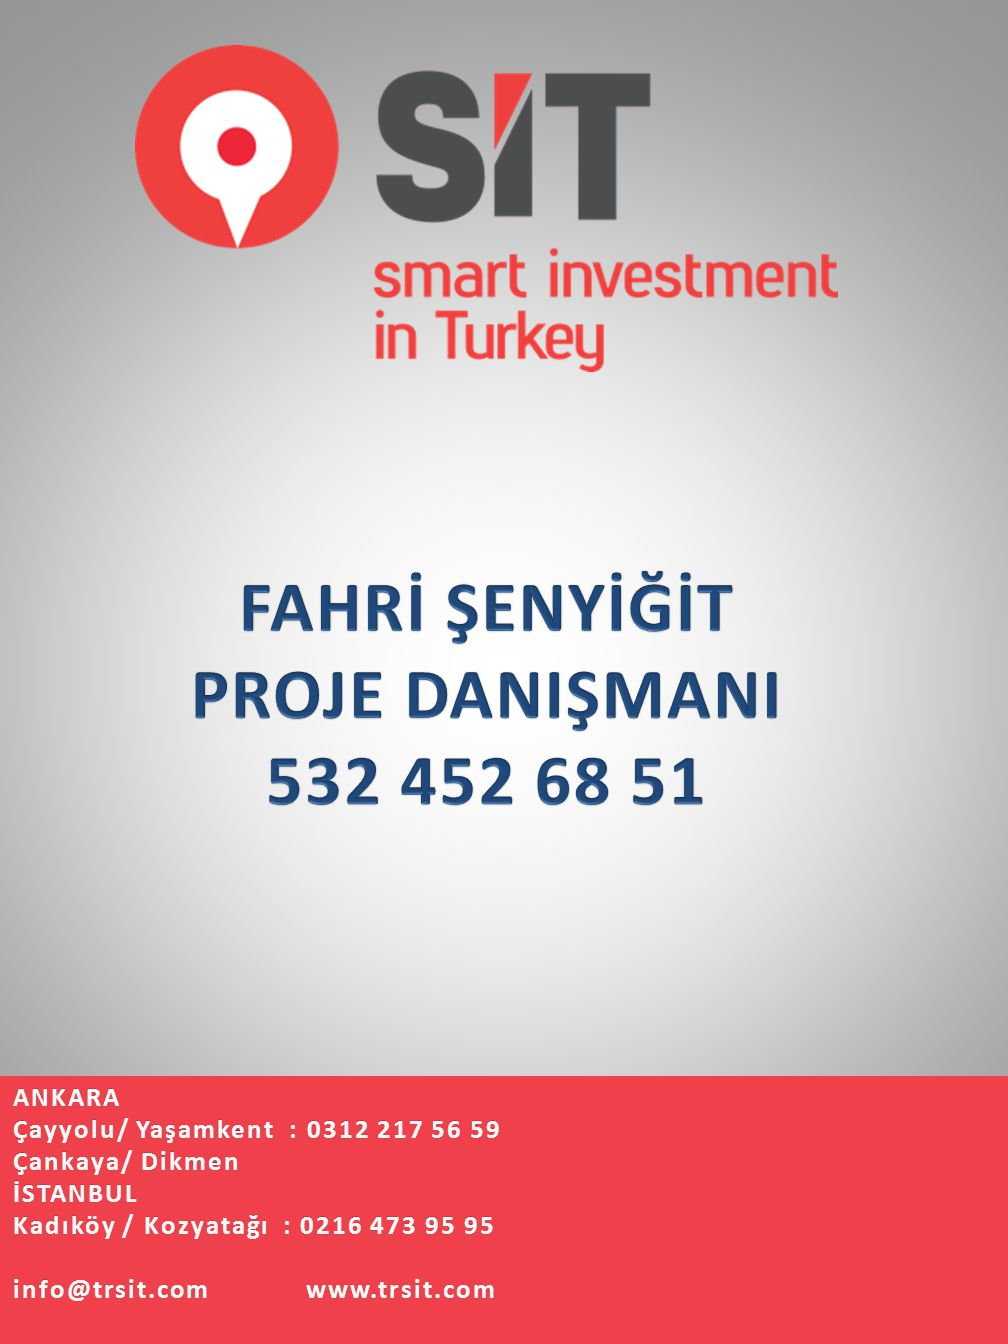 FAHRİ ŞENYİĞİT PROJE DANIŞMANI 532 452 68 51